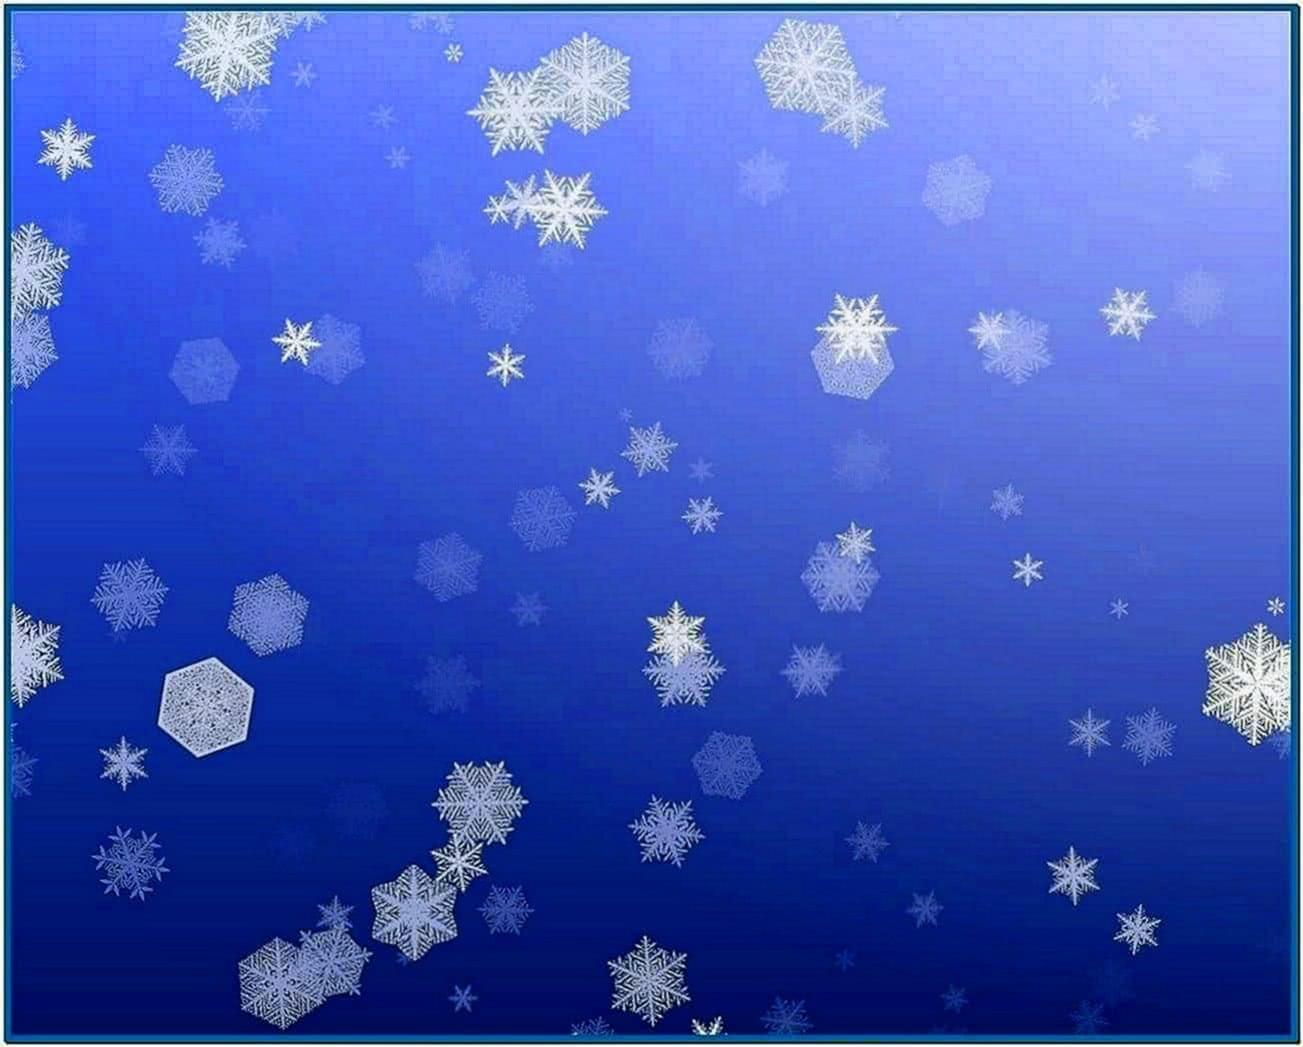 Screensaver Snow Fall